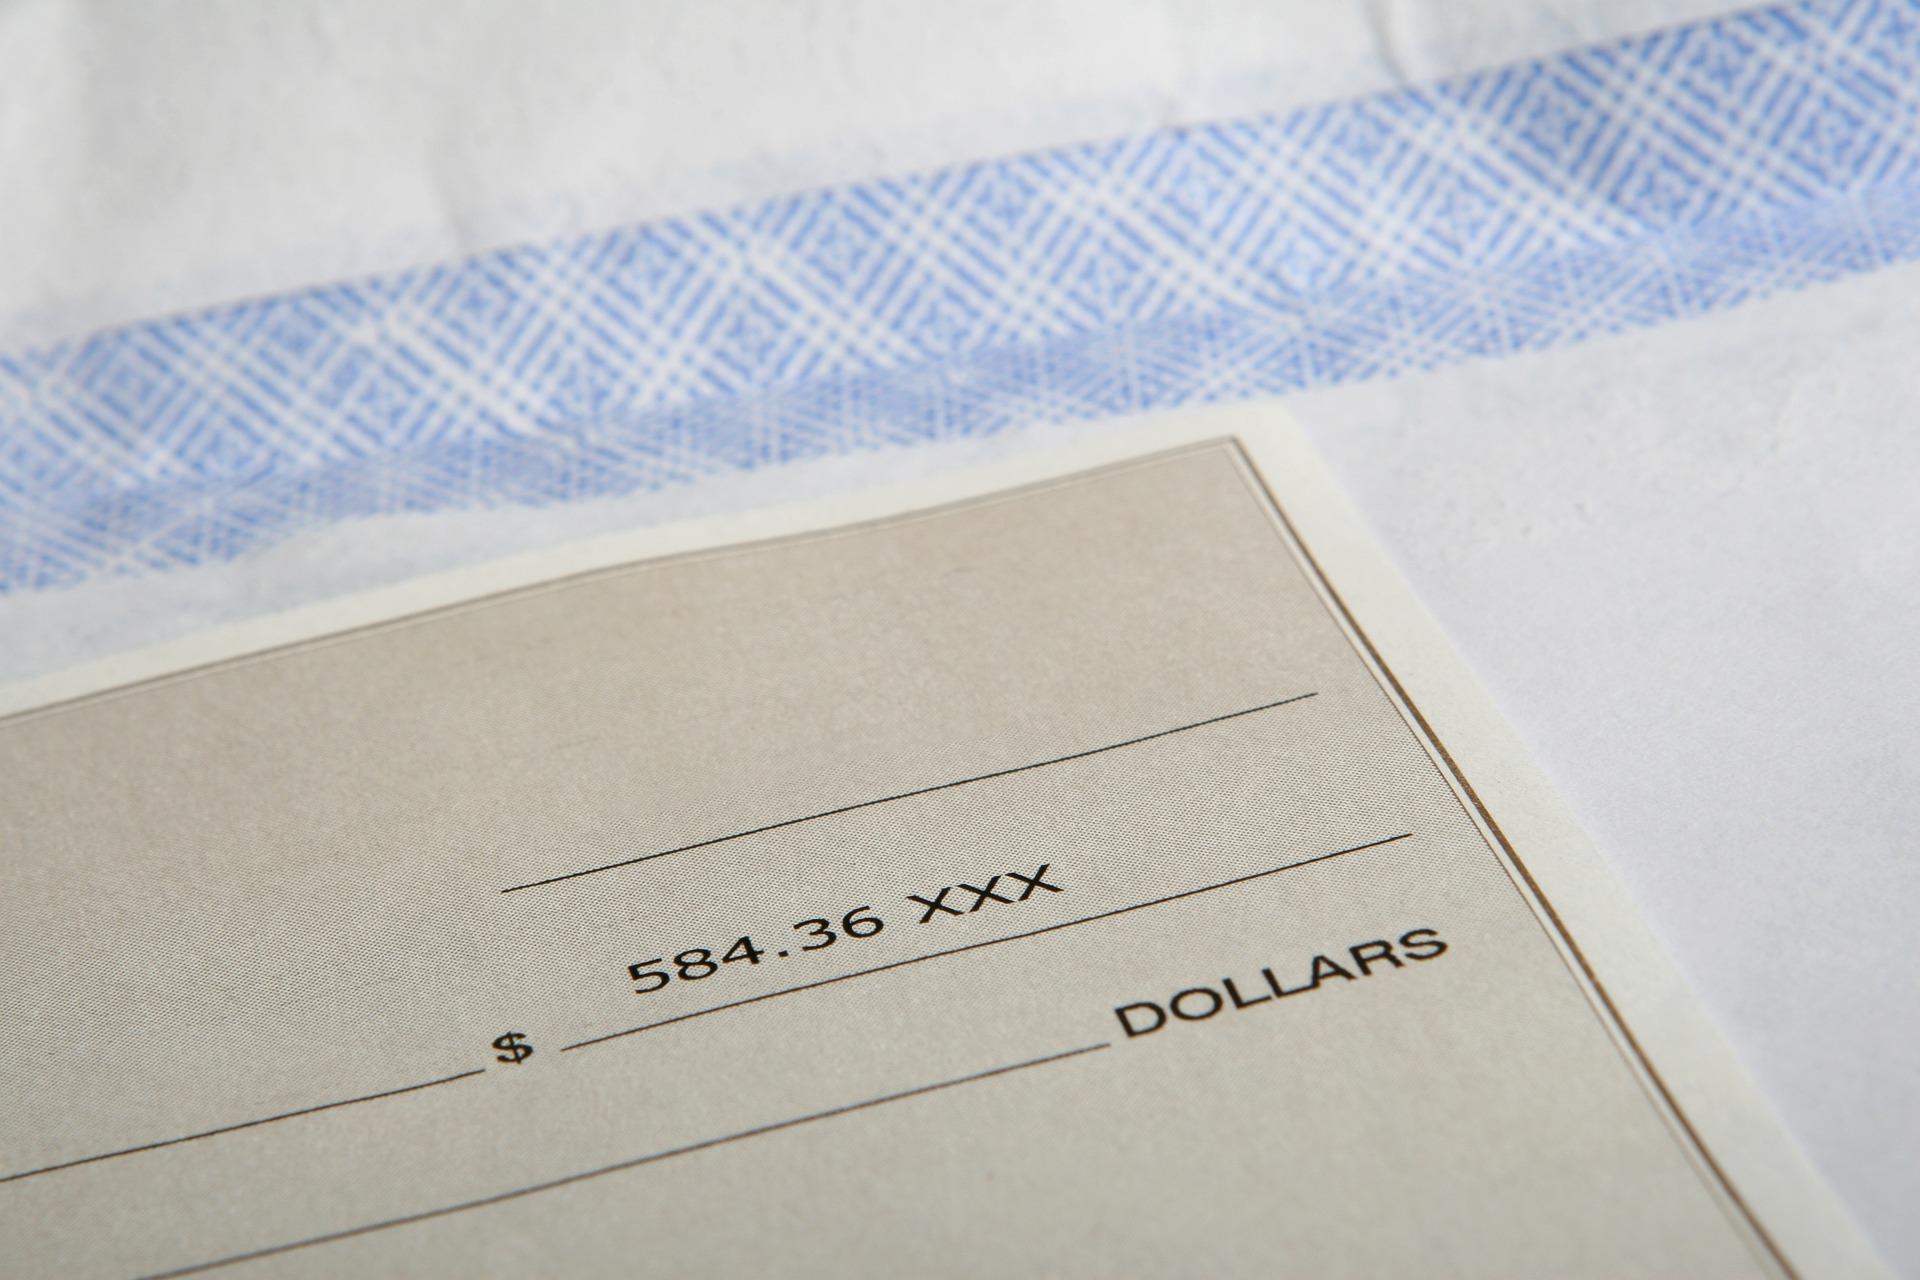 fraudes en cheques